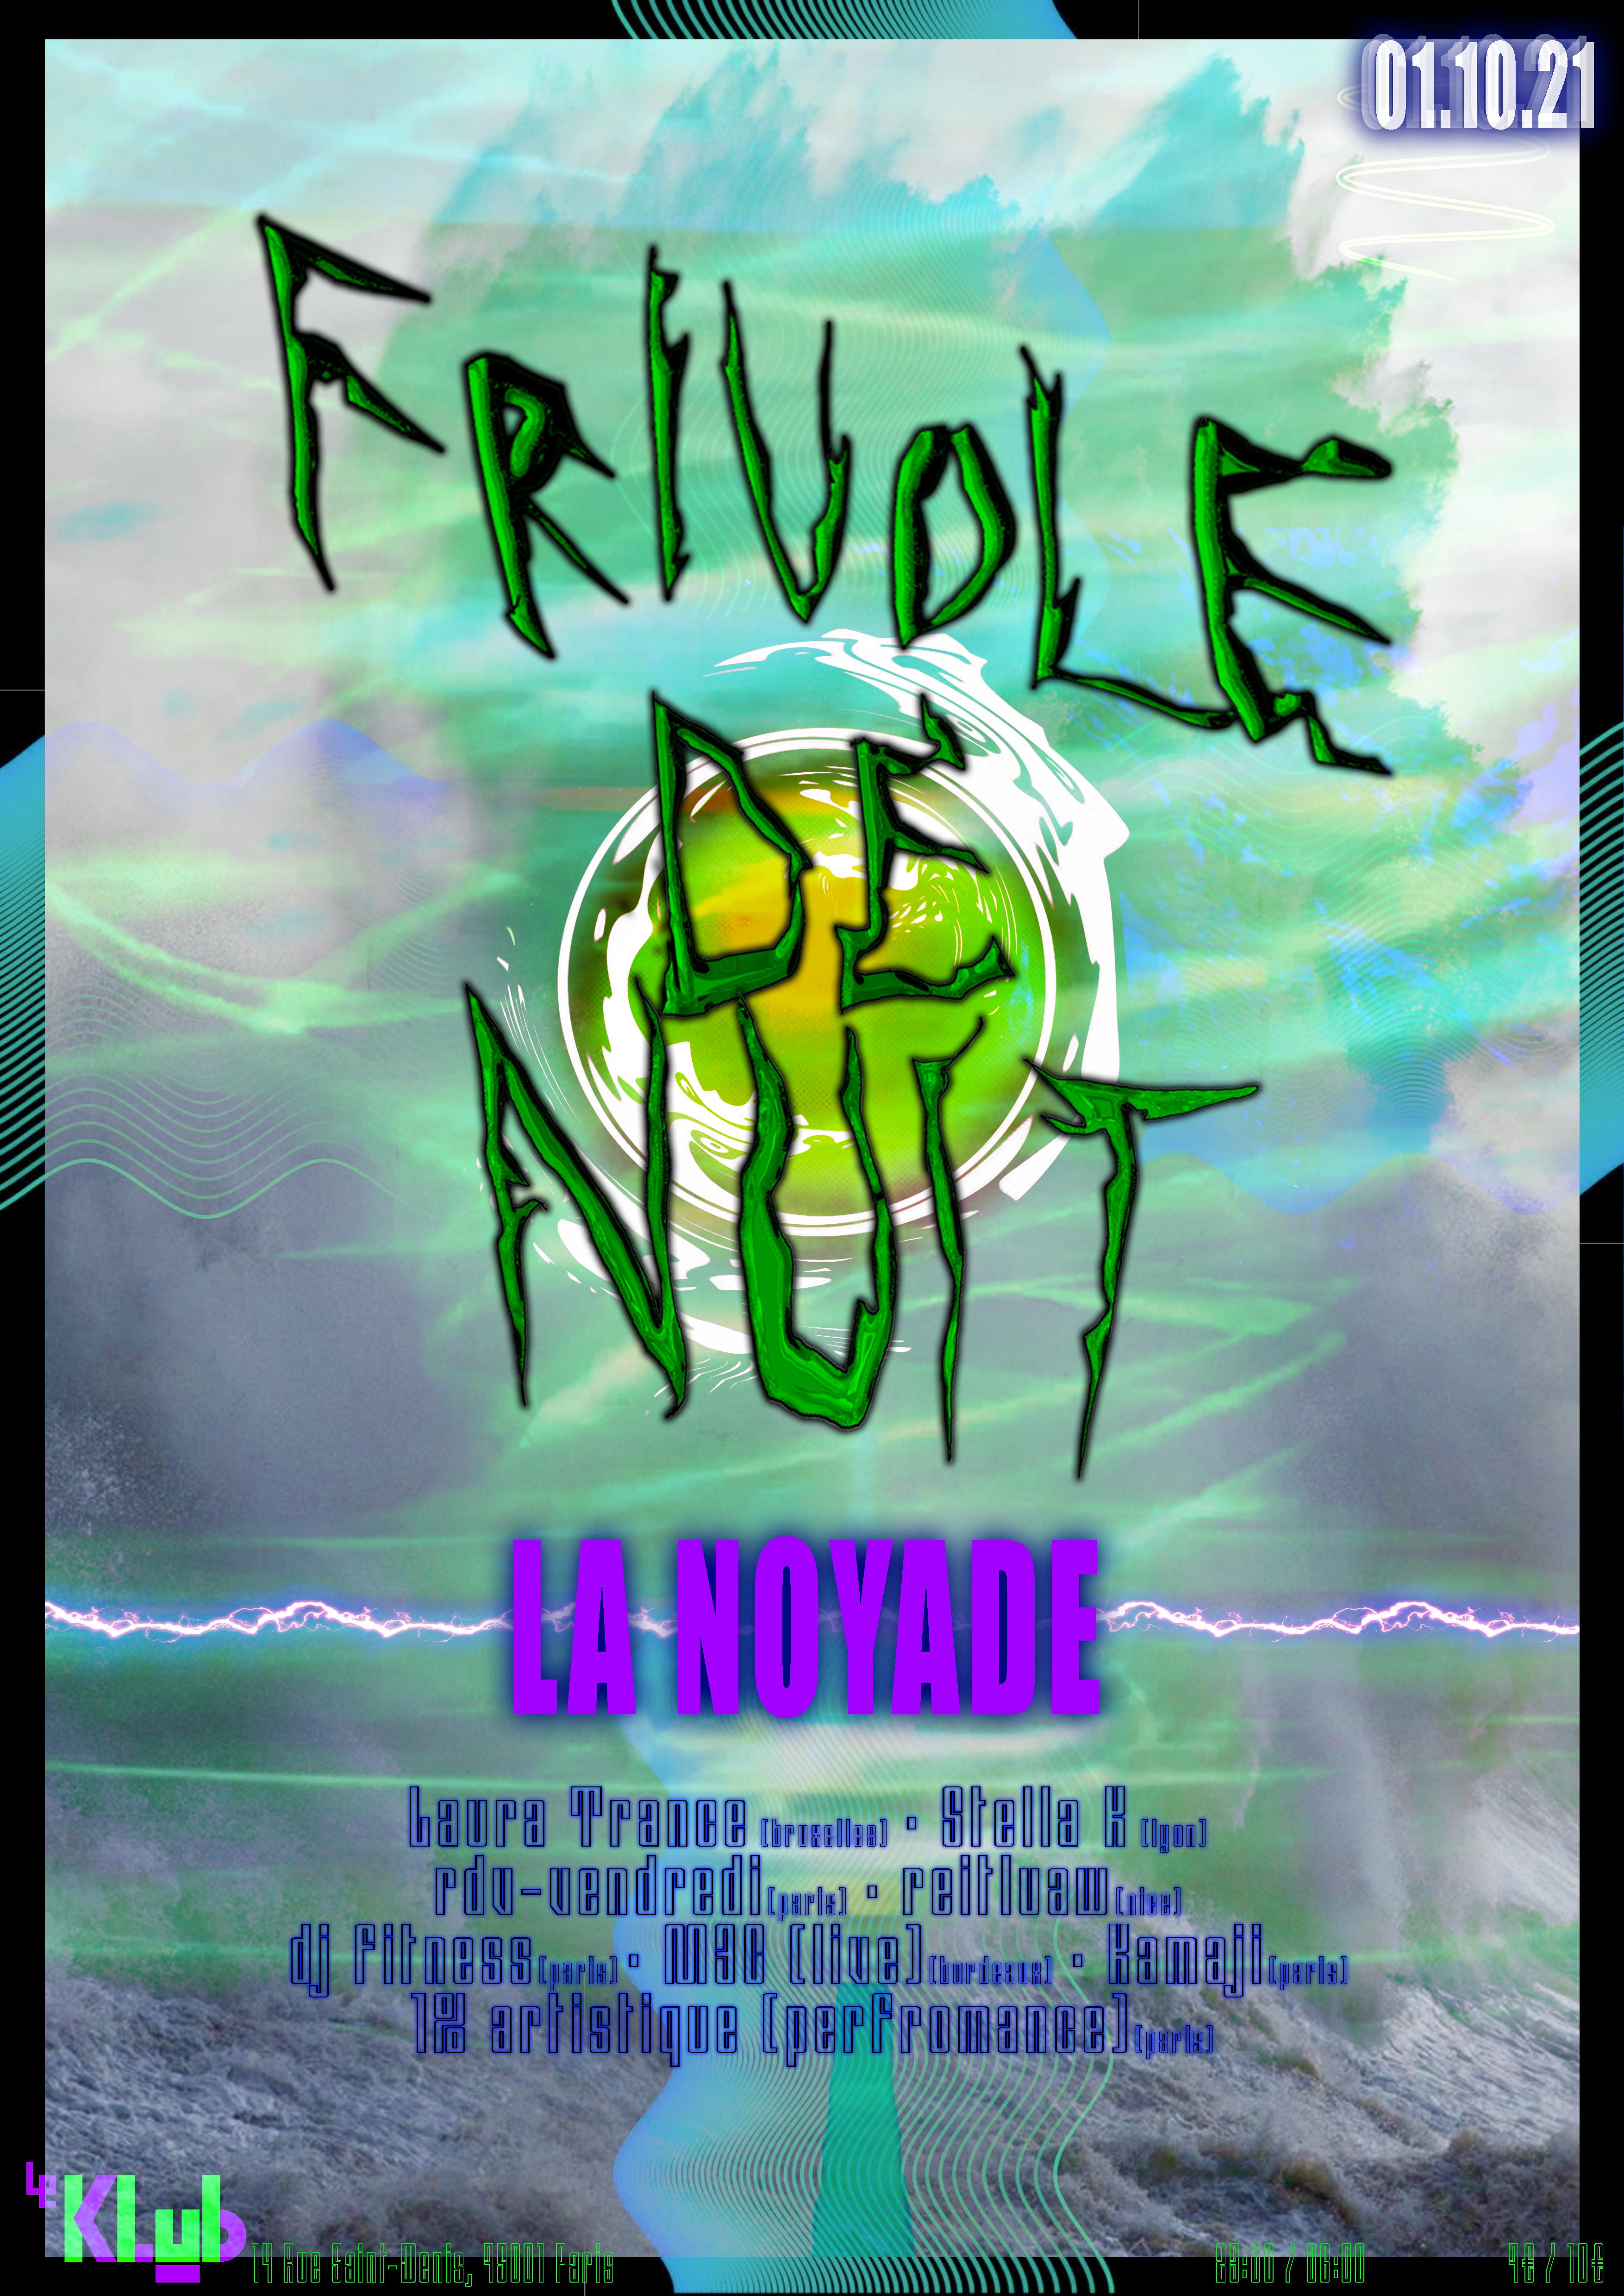 FRIVOLE DE NUIT ■ 01.10